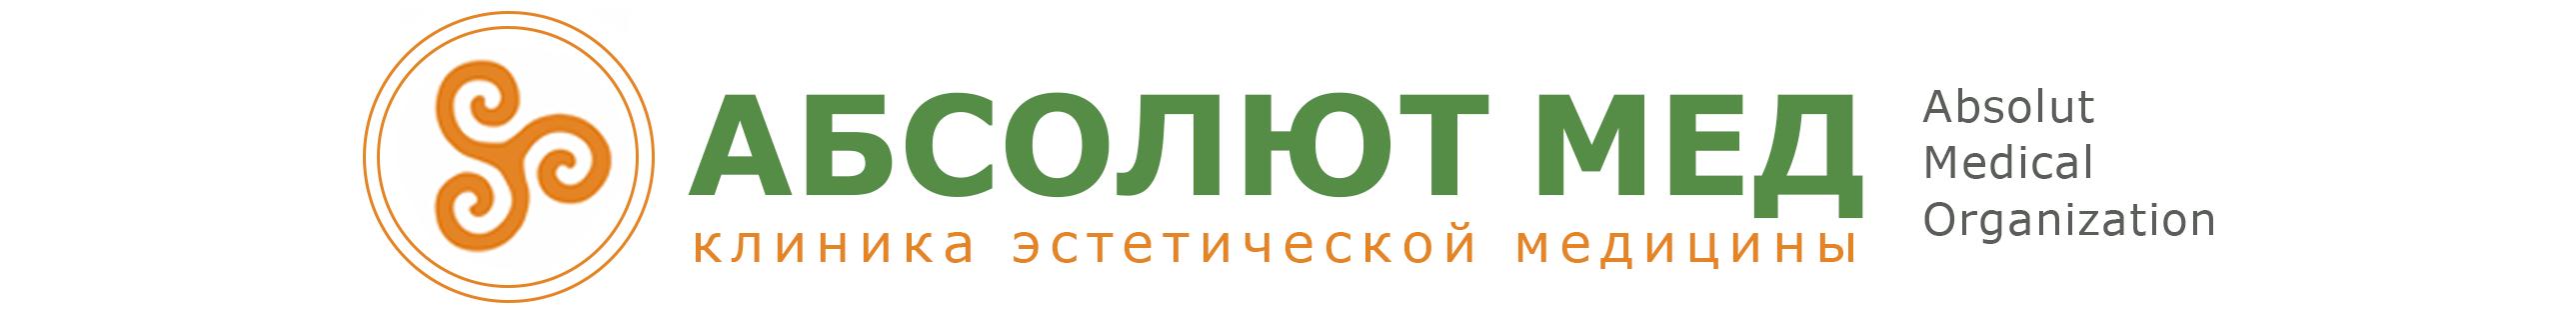 Клиника эстетической медицины в Москве | Абсолют Med